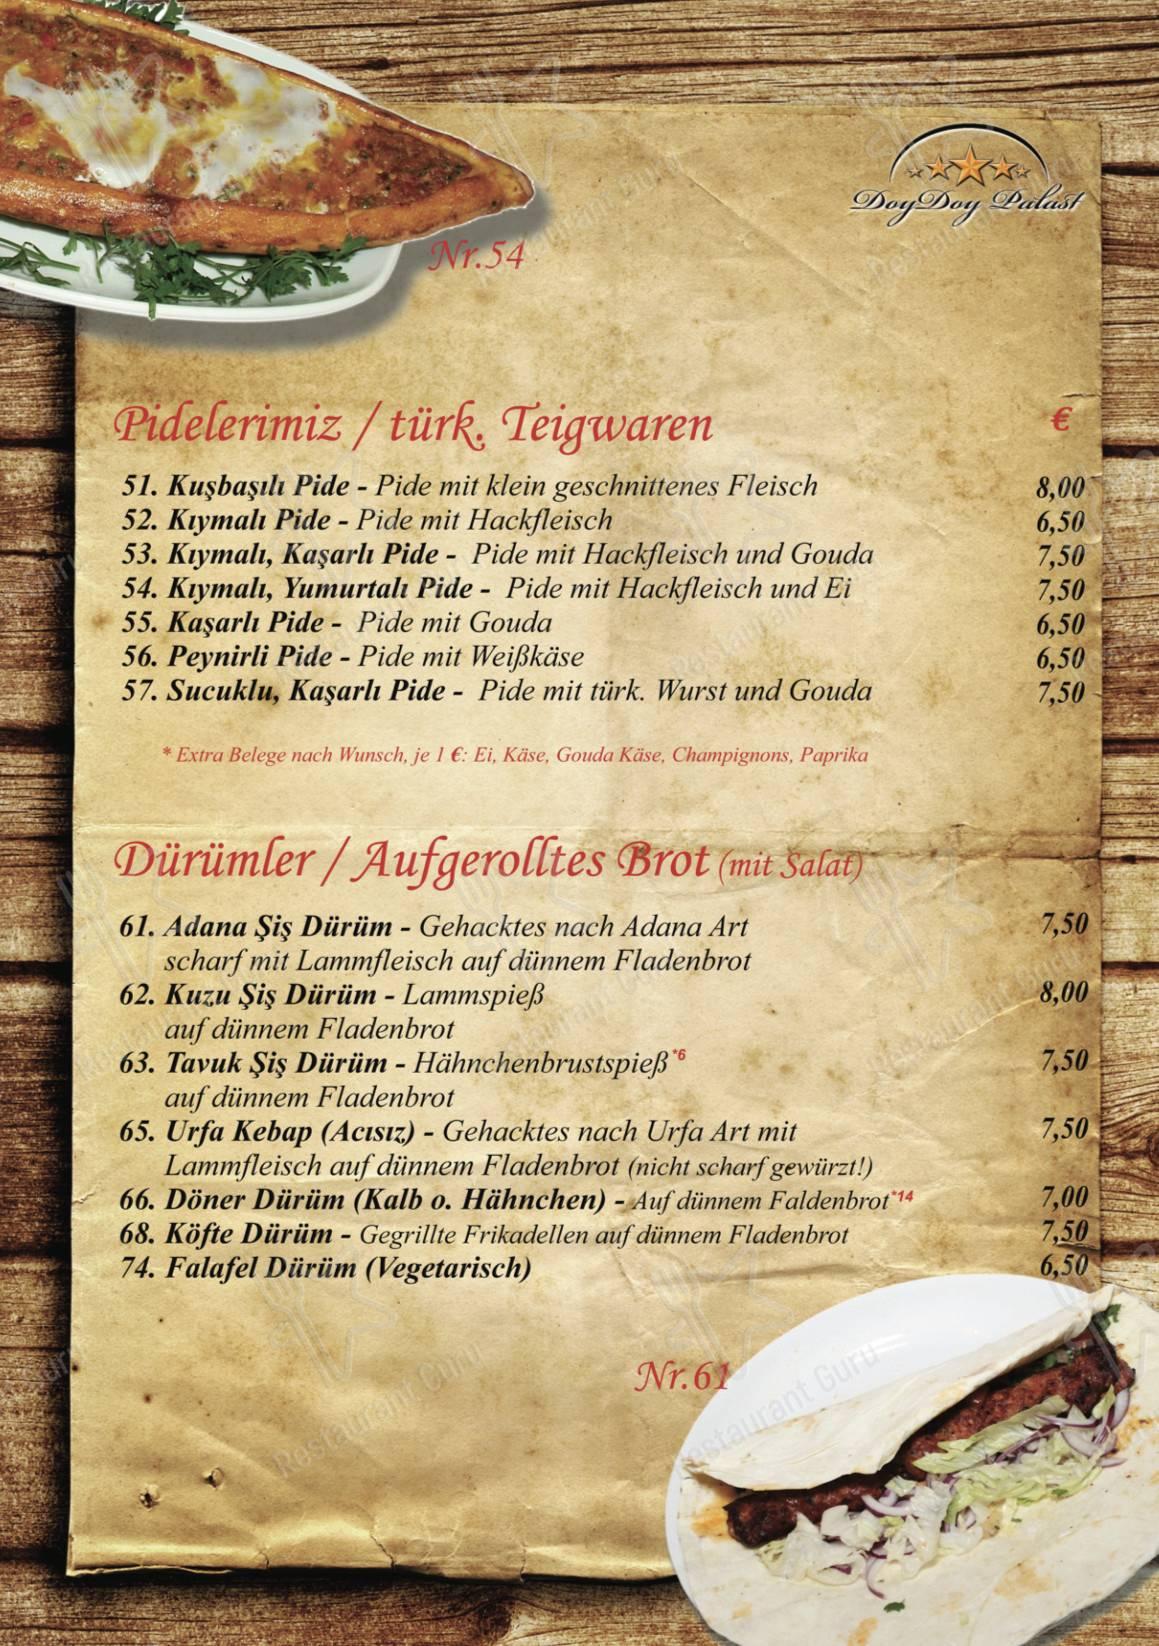 Seht euch die Speisekarte von Doy Doy Palast an